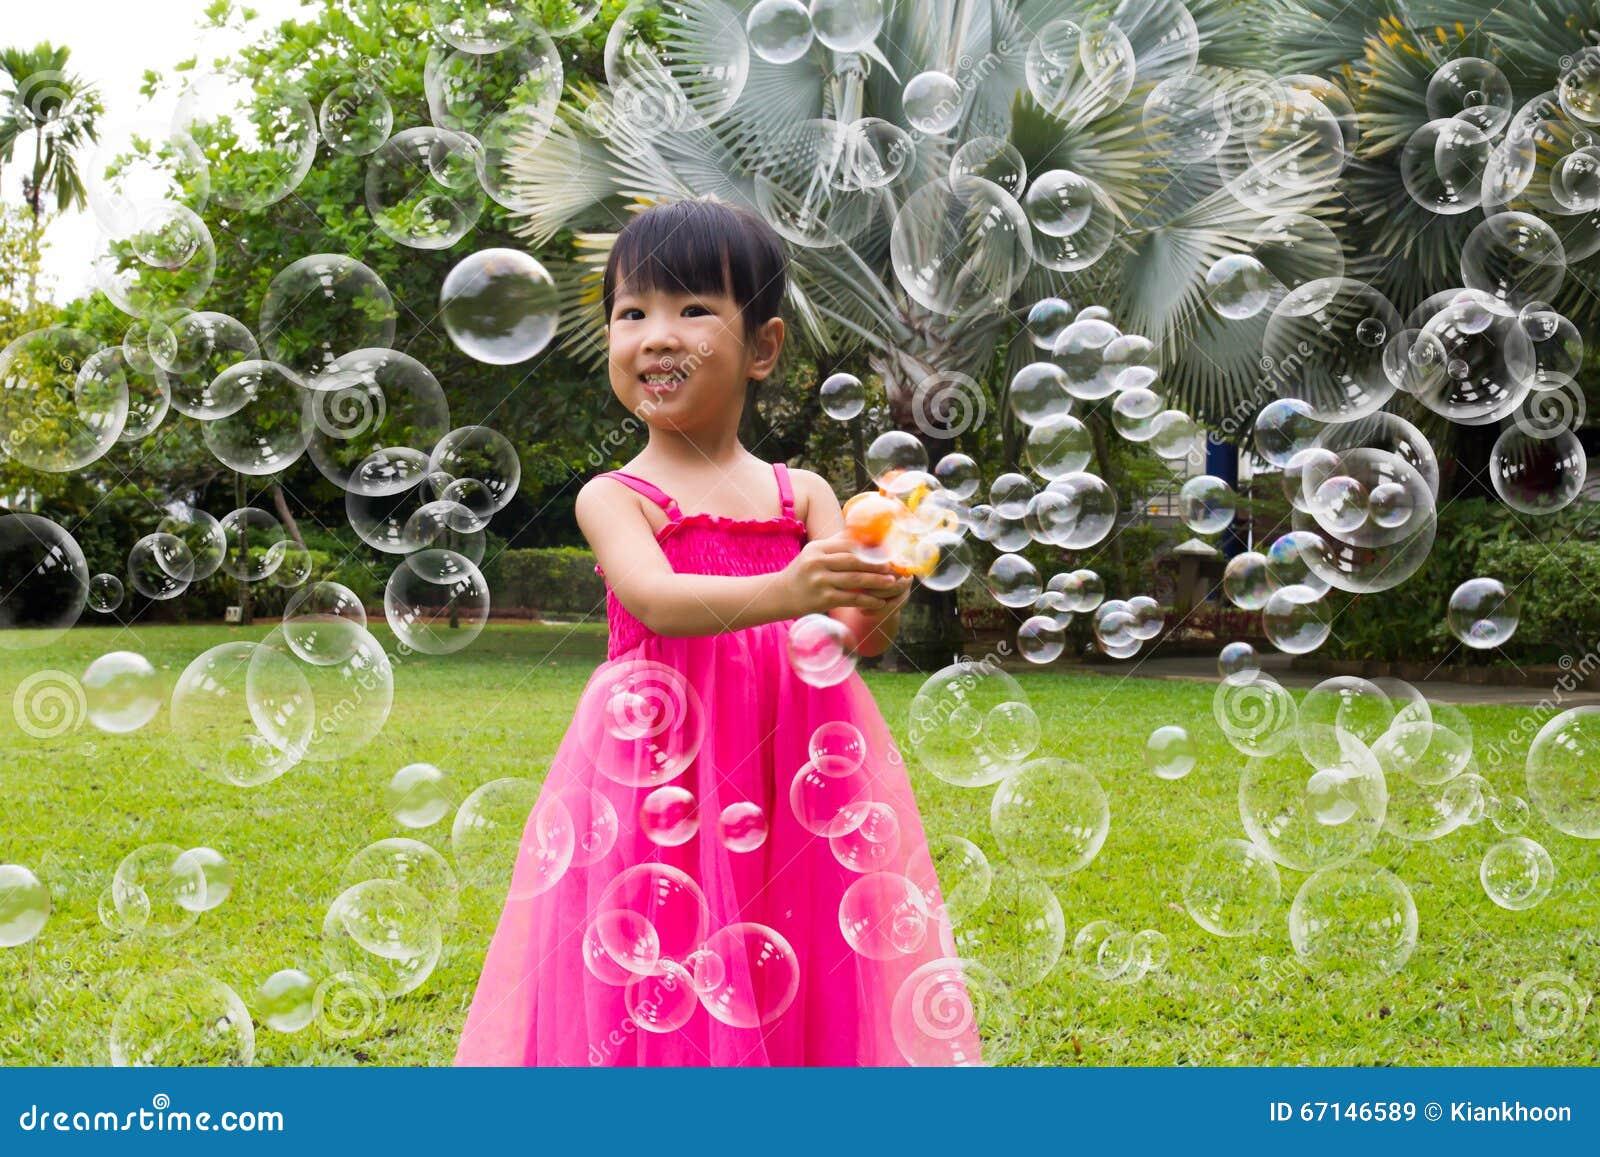 Blasen Schiessen